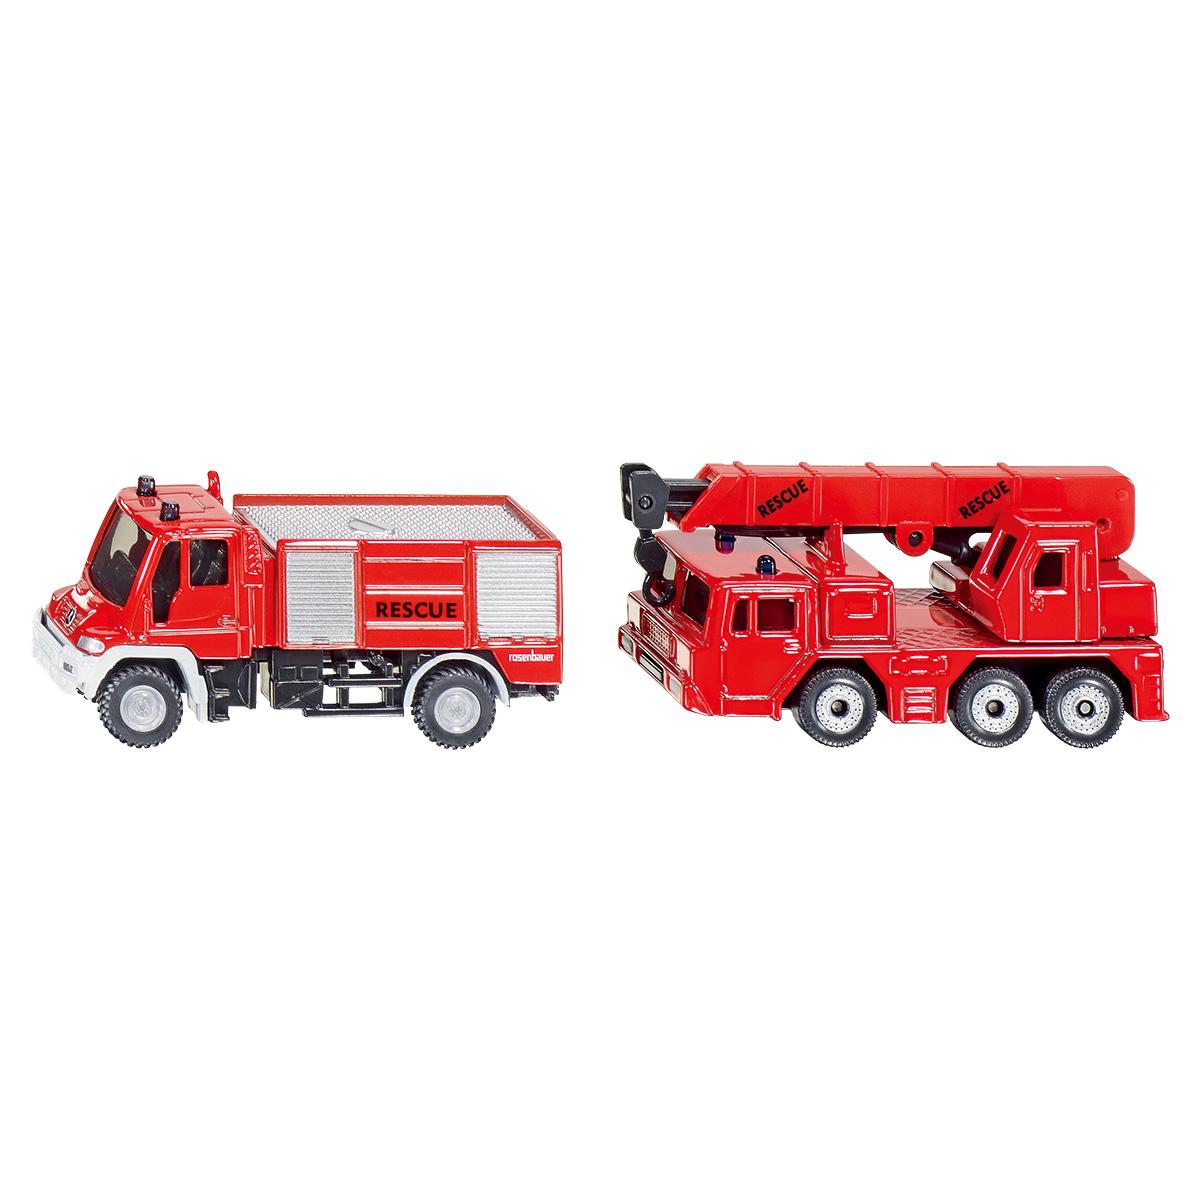 ユニモグ消防車&クレーン車(ジク・SIKU)